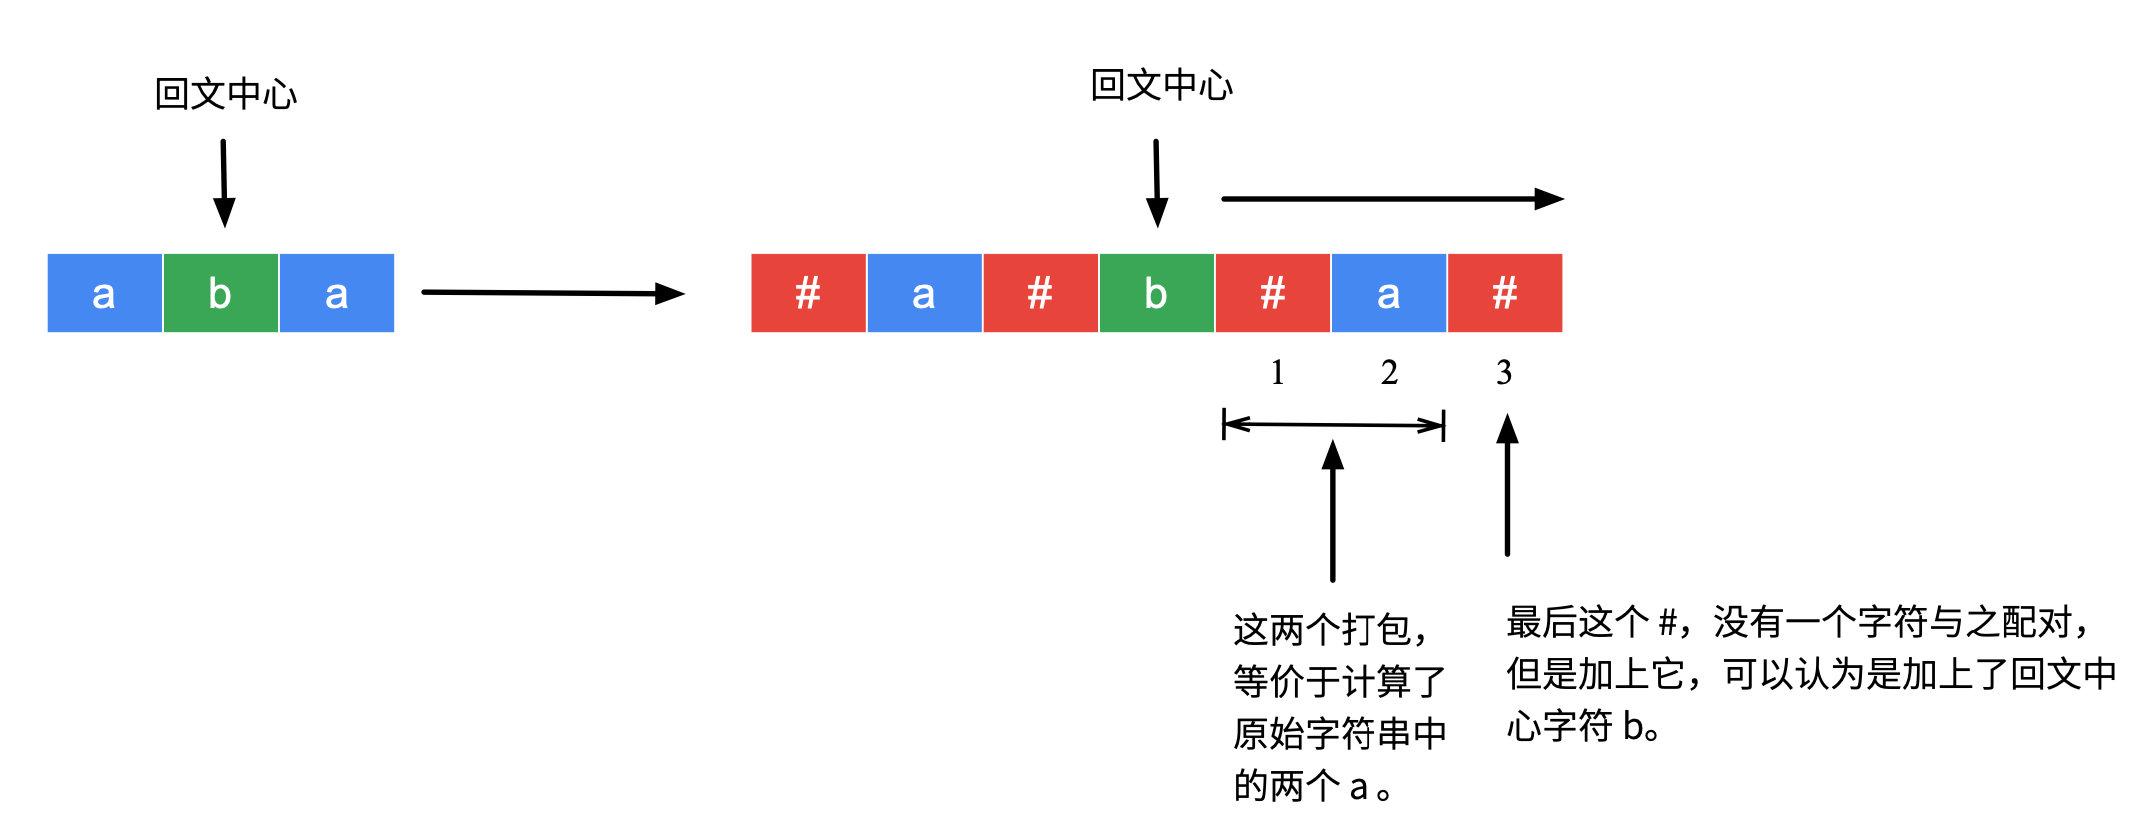 图 4:理解辅助数组的数值与原始字符串回文子串的等价性-1